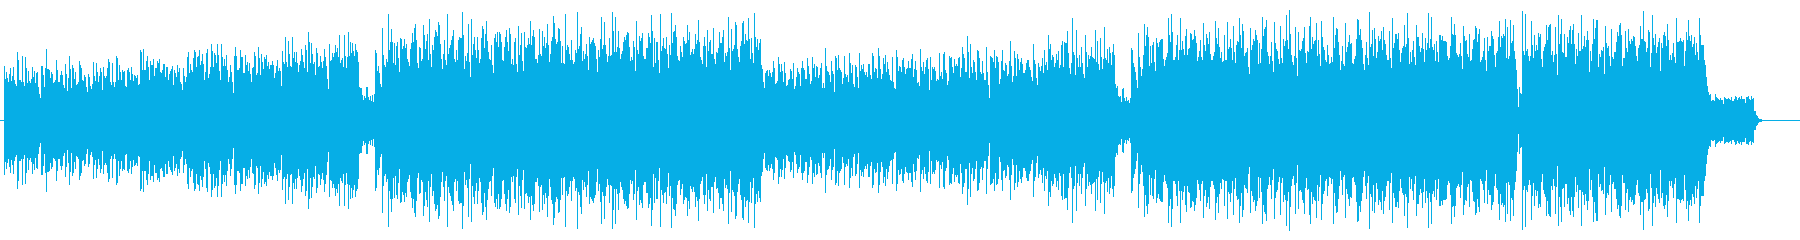 和風 爽やか Future Popの再生済みの波形